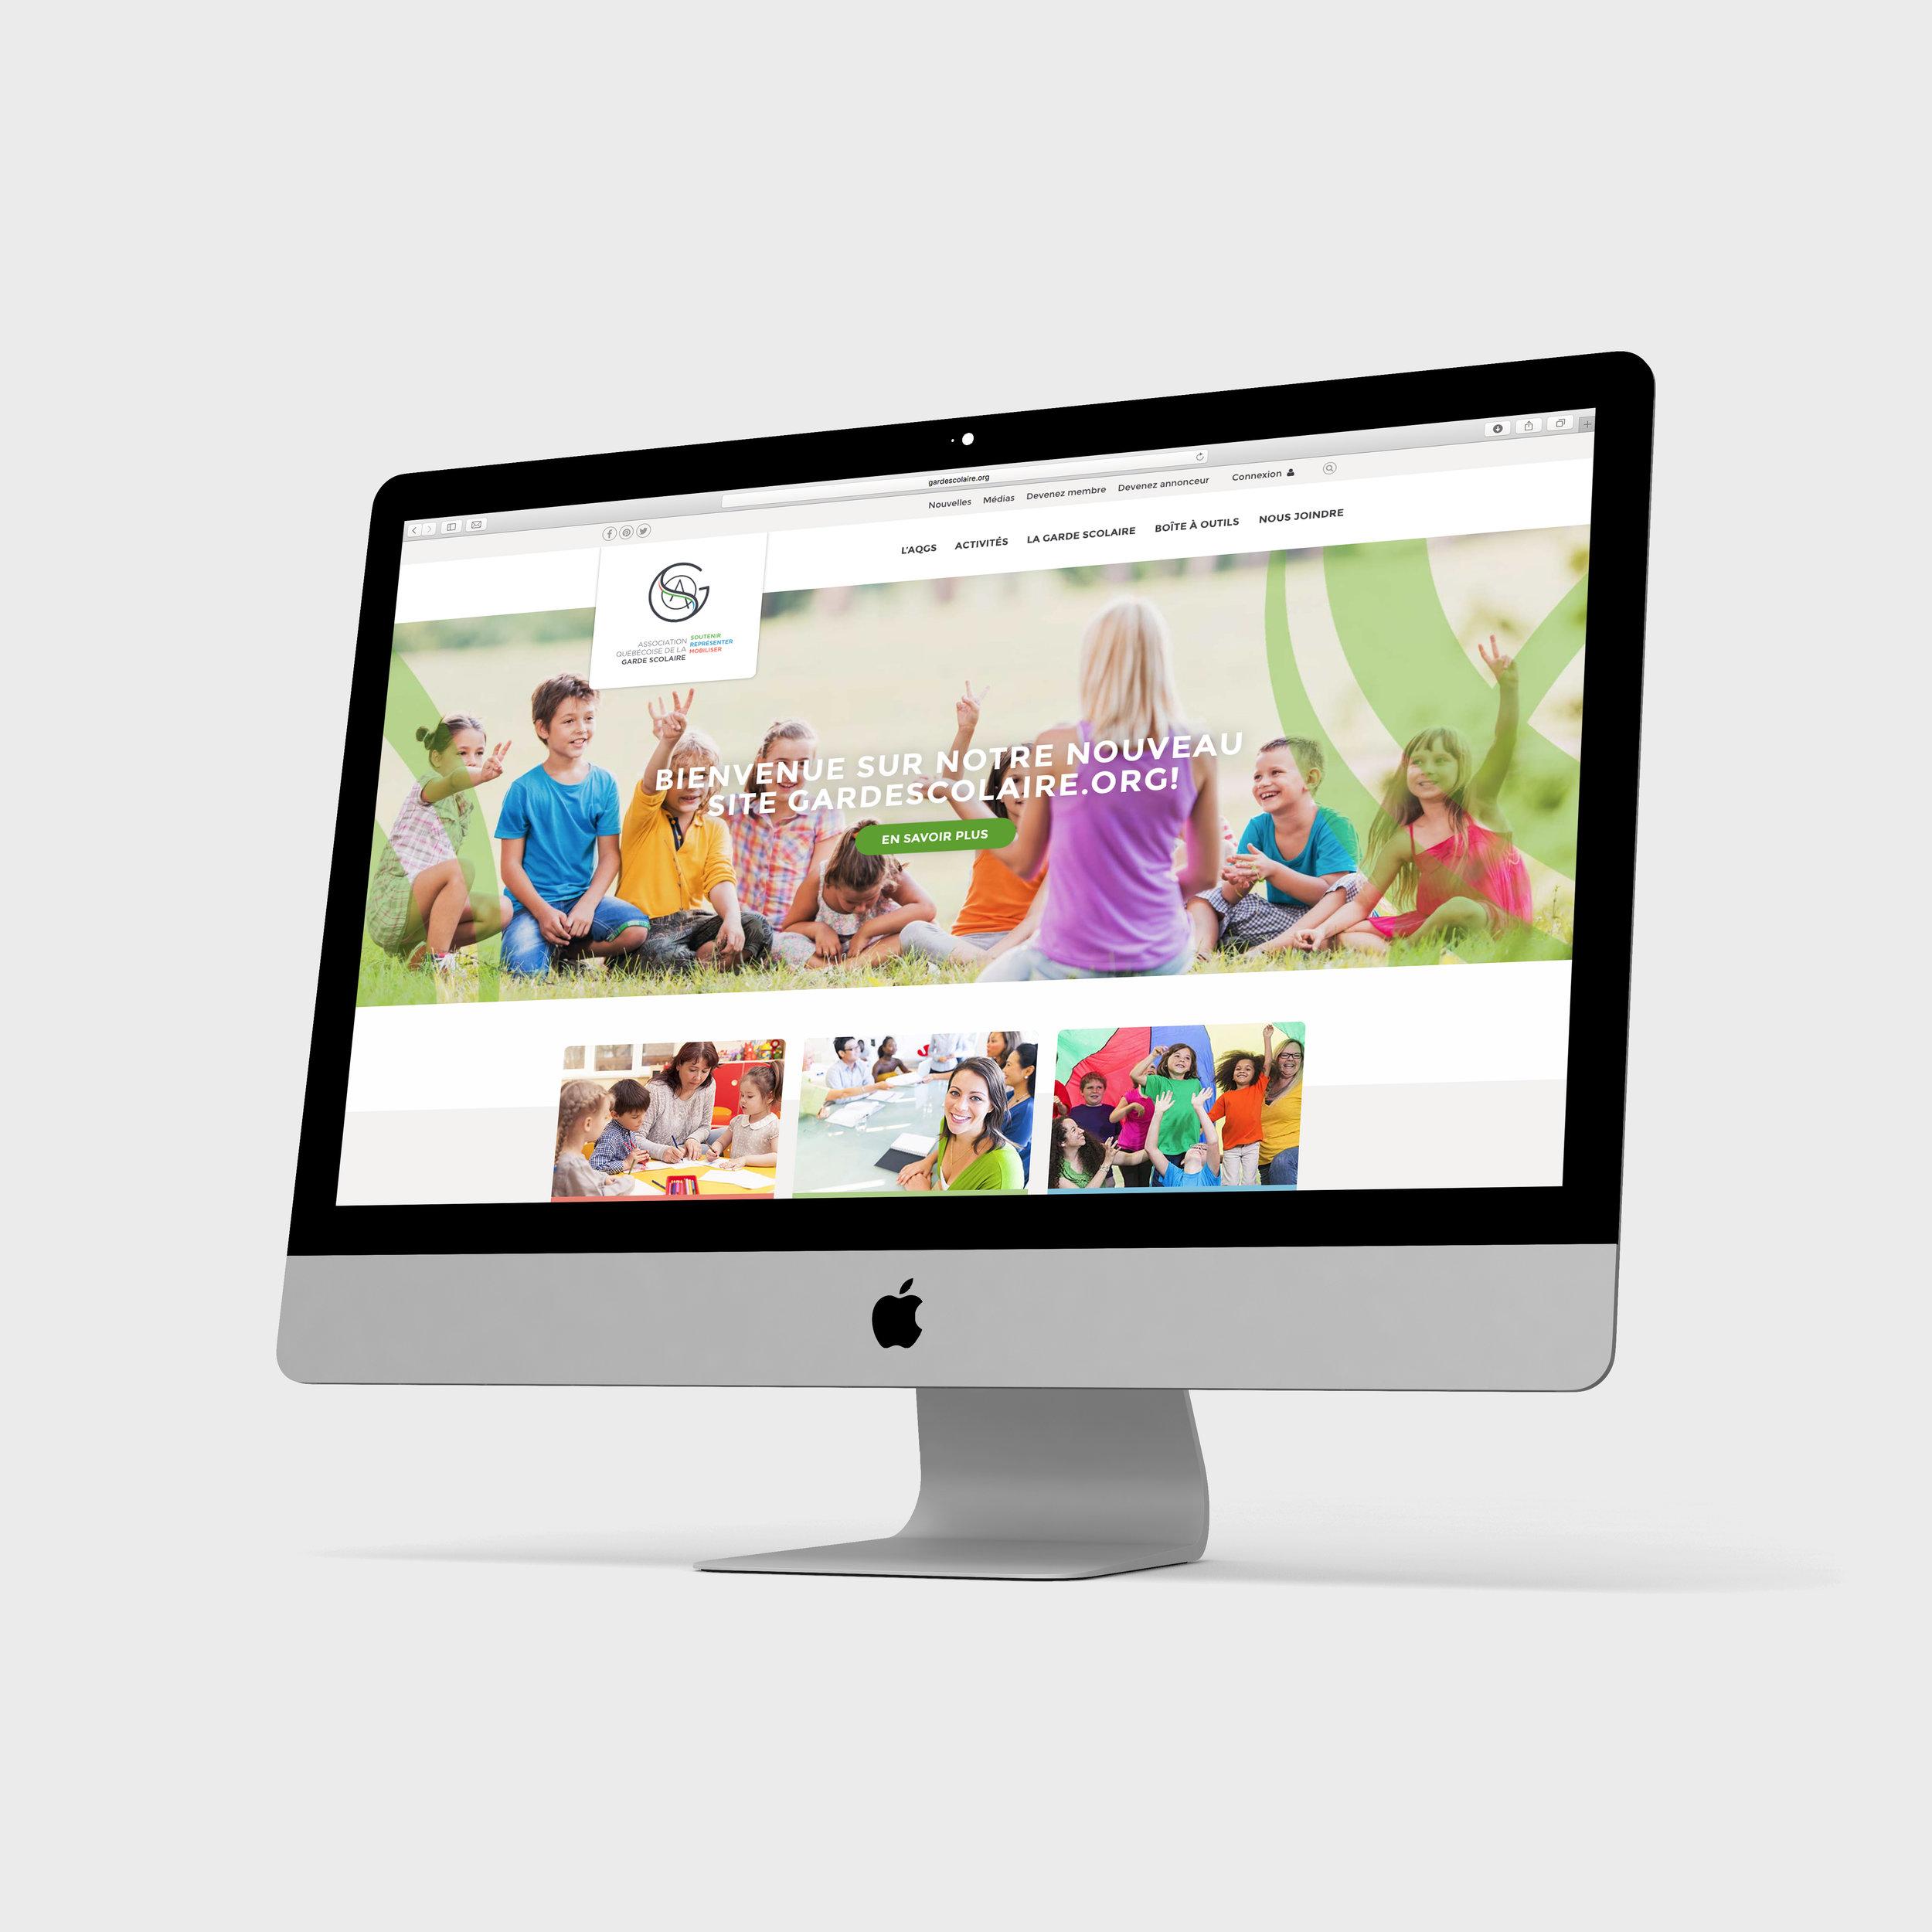 iMac-AQGS-2.jpg